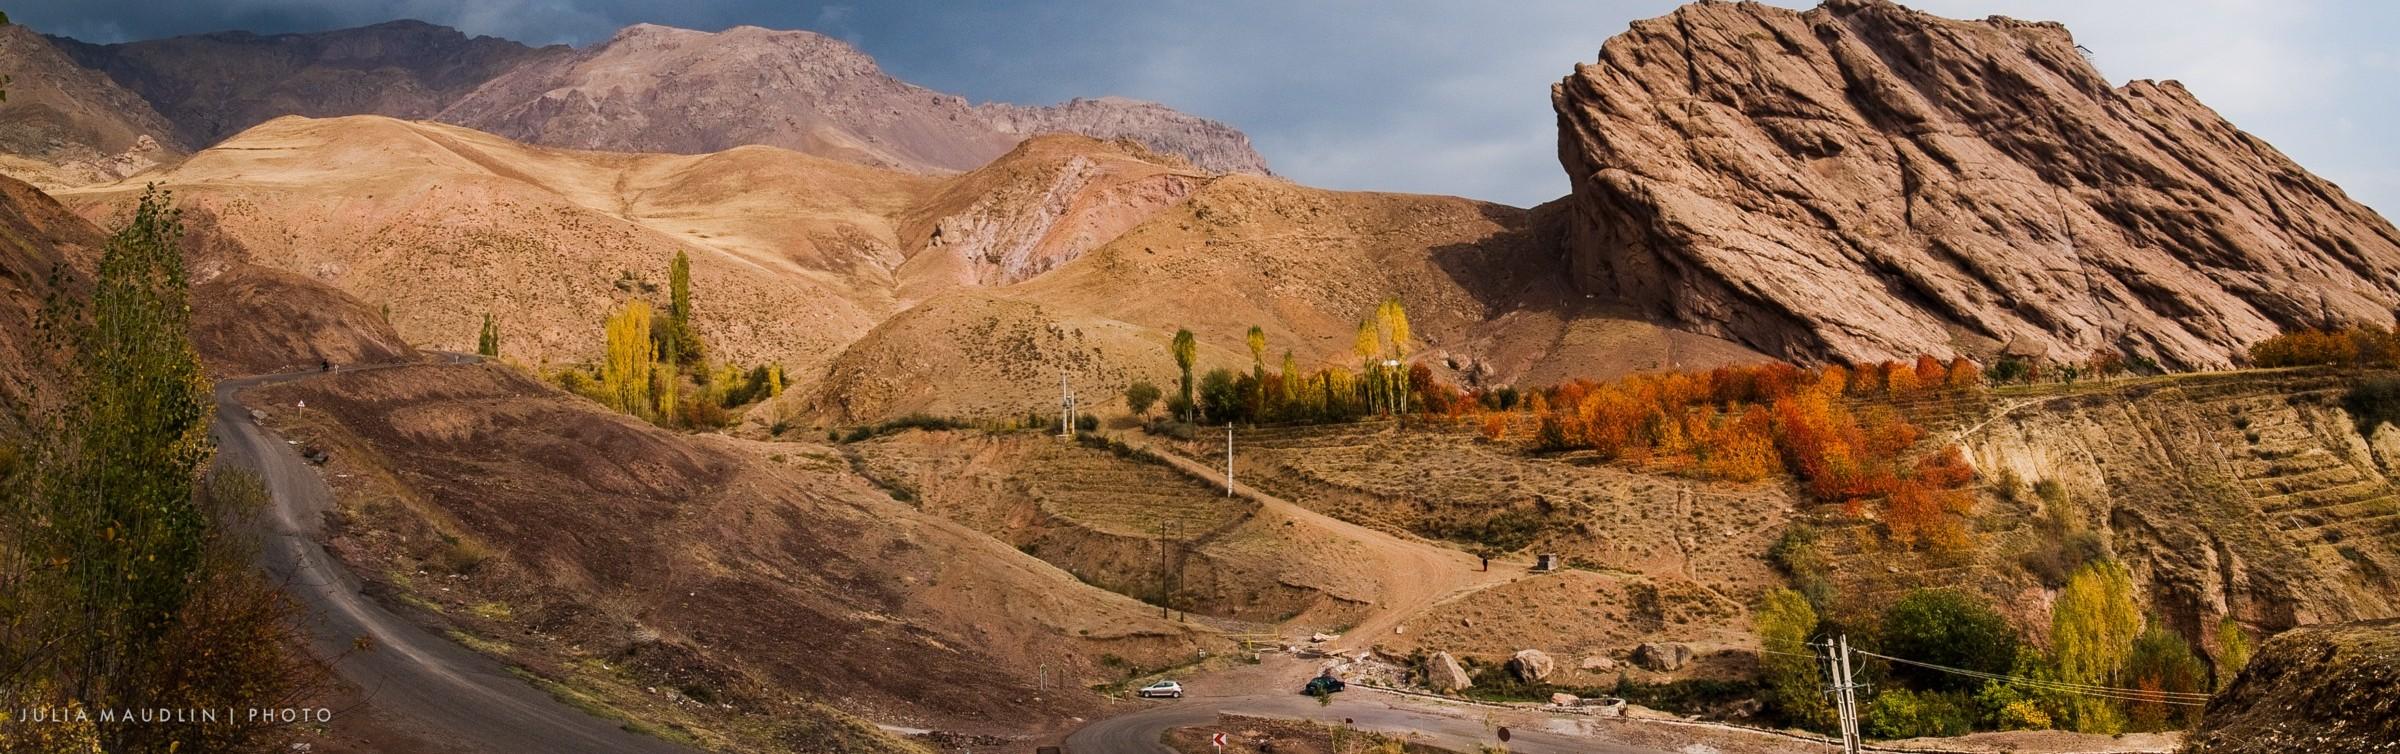 Alamut Castle Tour, Persiatours